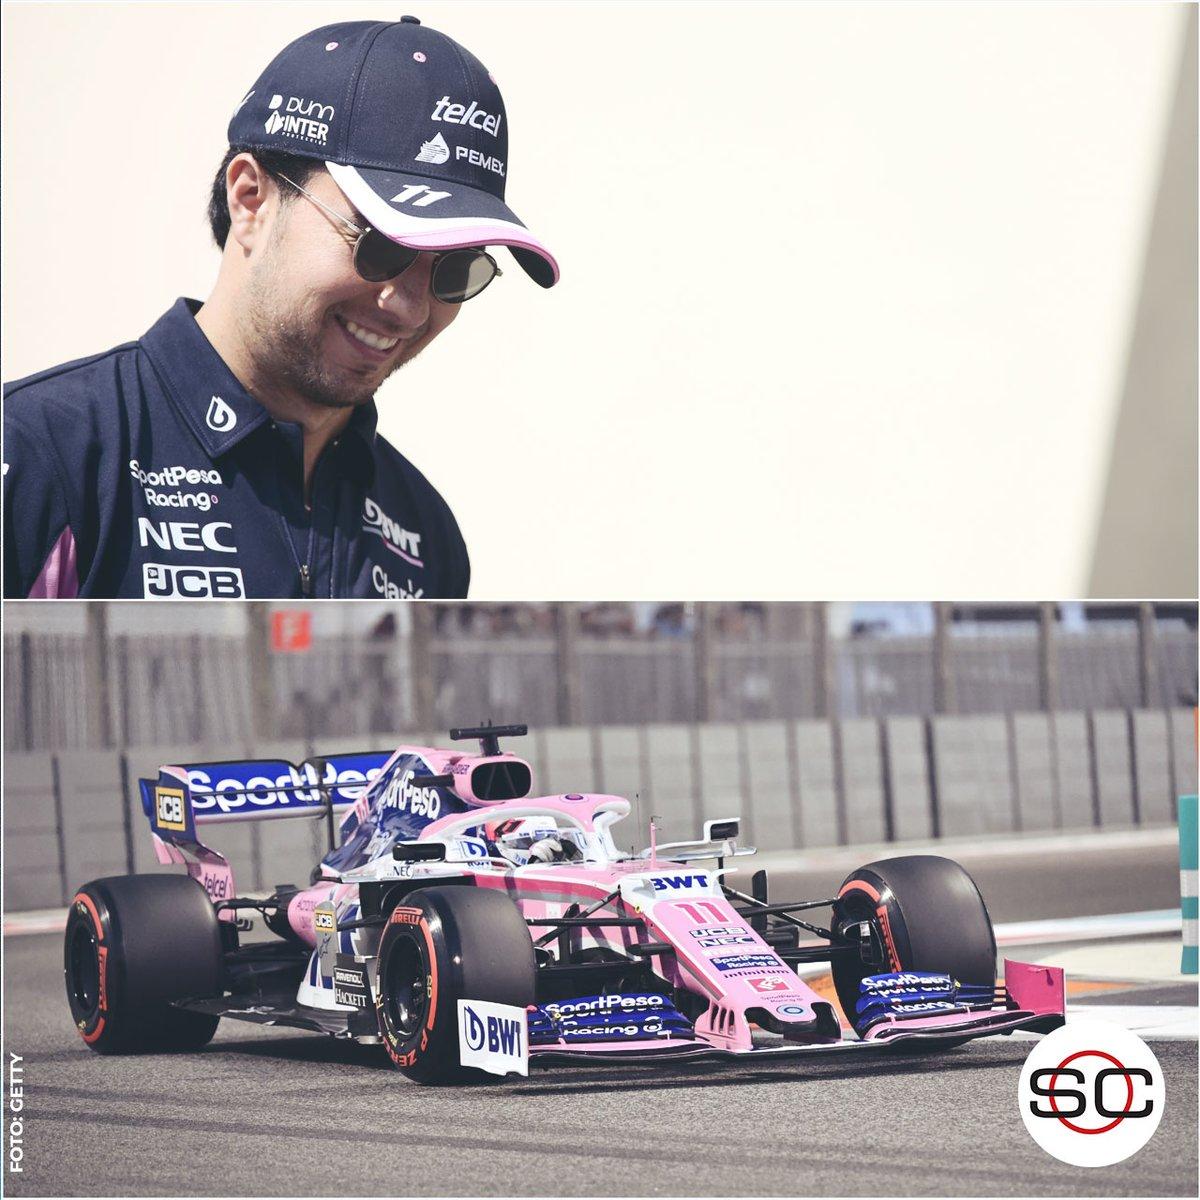 ¡FELICIDADES @SChecoPerez! 🎂🎇 El piloto 🇲🇽 cumple 3️⃣0️⃣ años. 🤩 Casi 9️⃣ años en la #Fórmula1, respaldan su trayectoria. 👏 #EnUnaPalabraSC, la carrera de Checo es:_____________👀